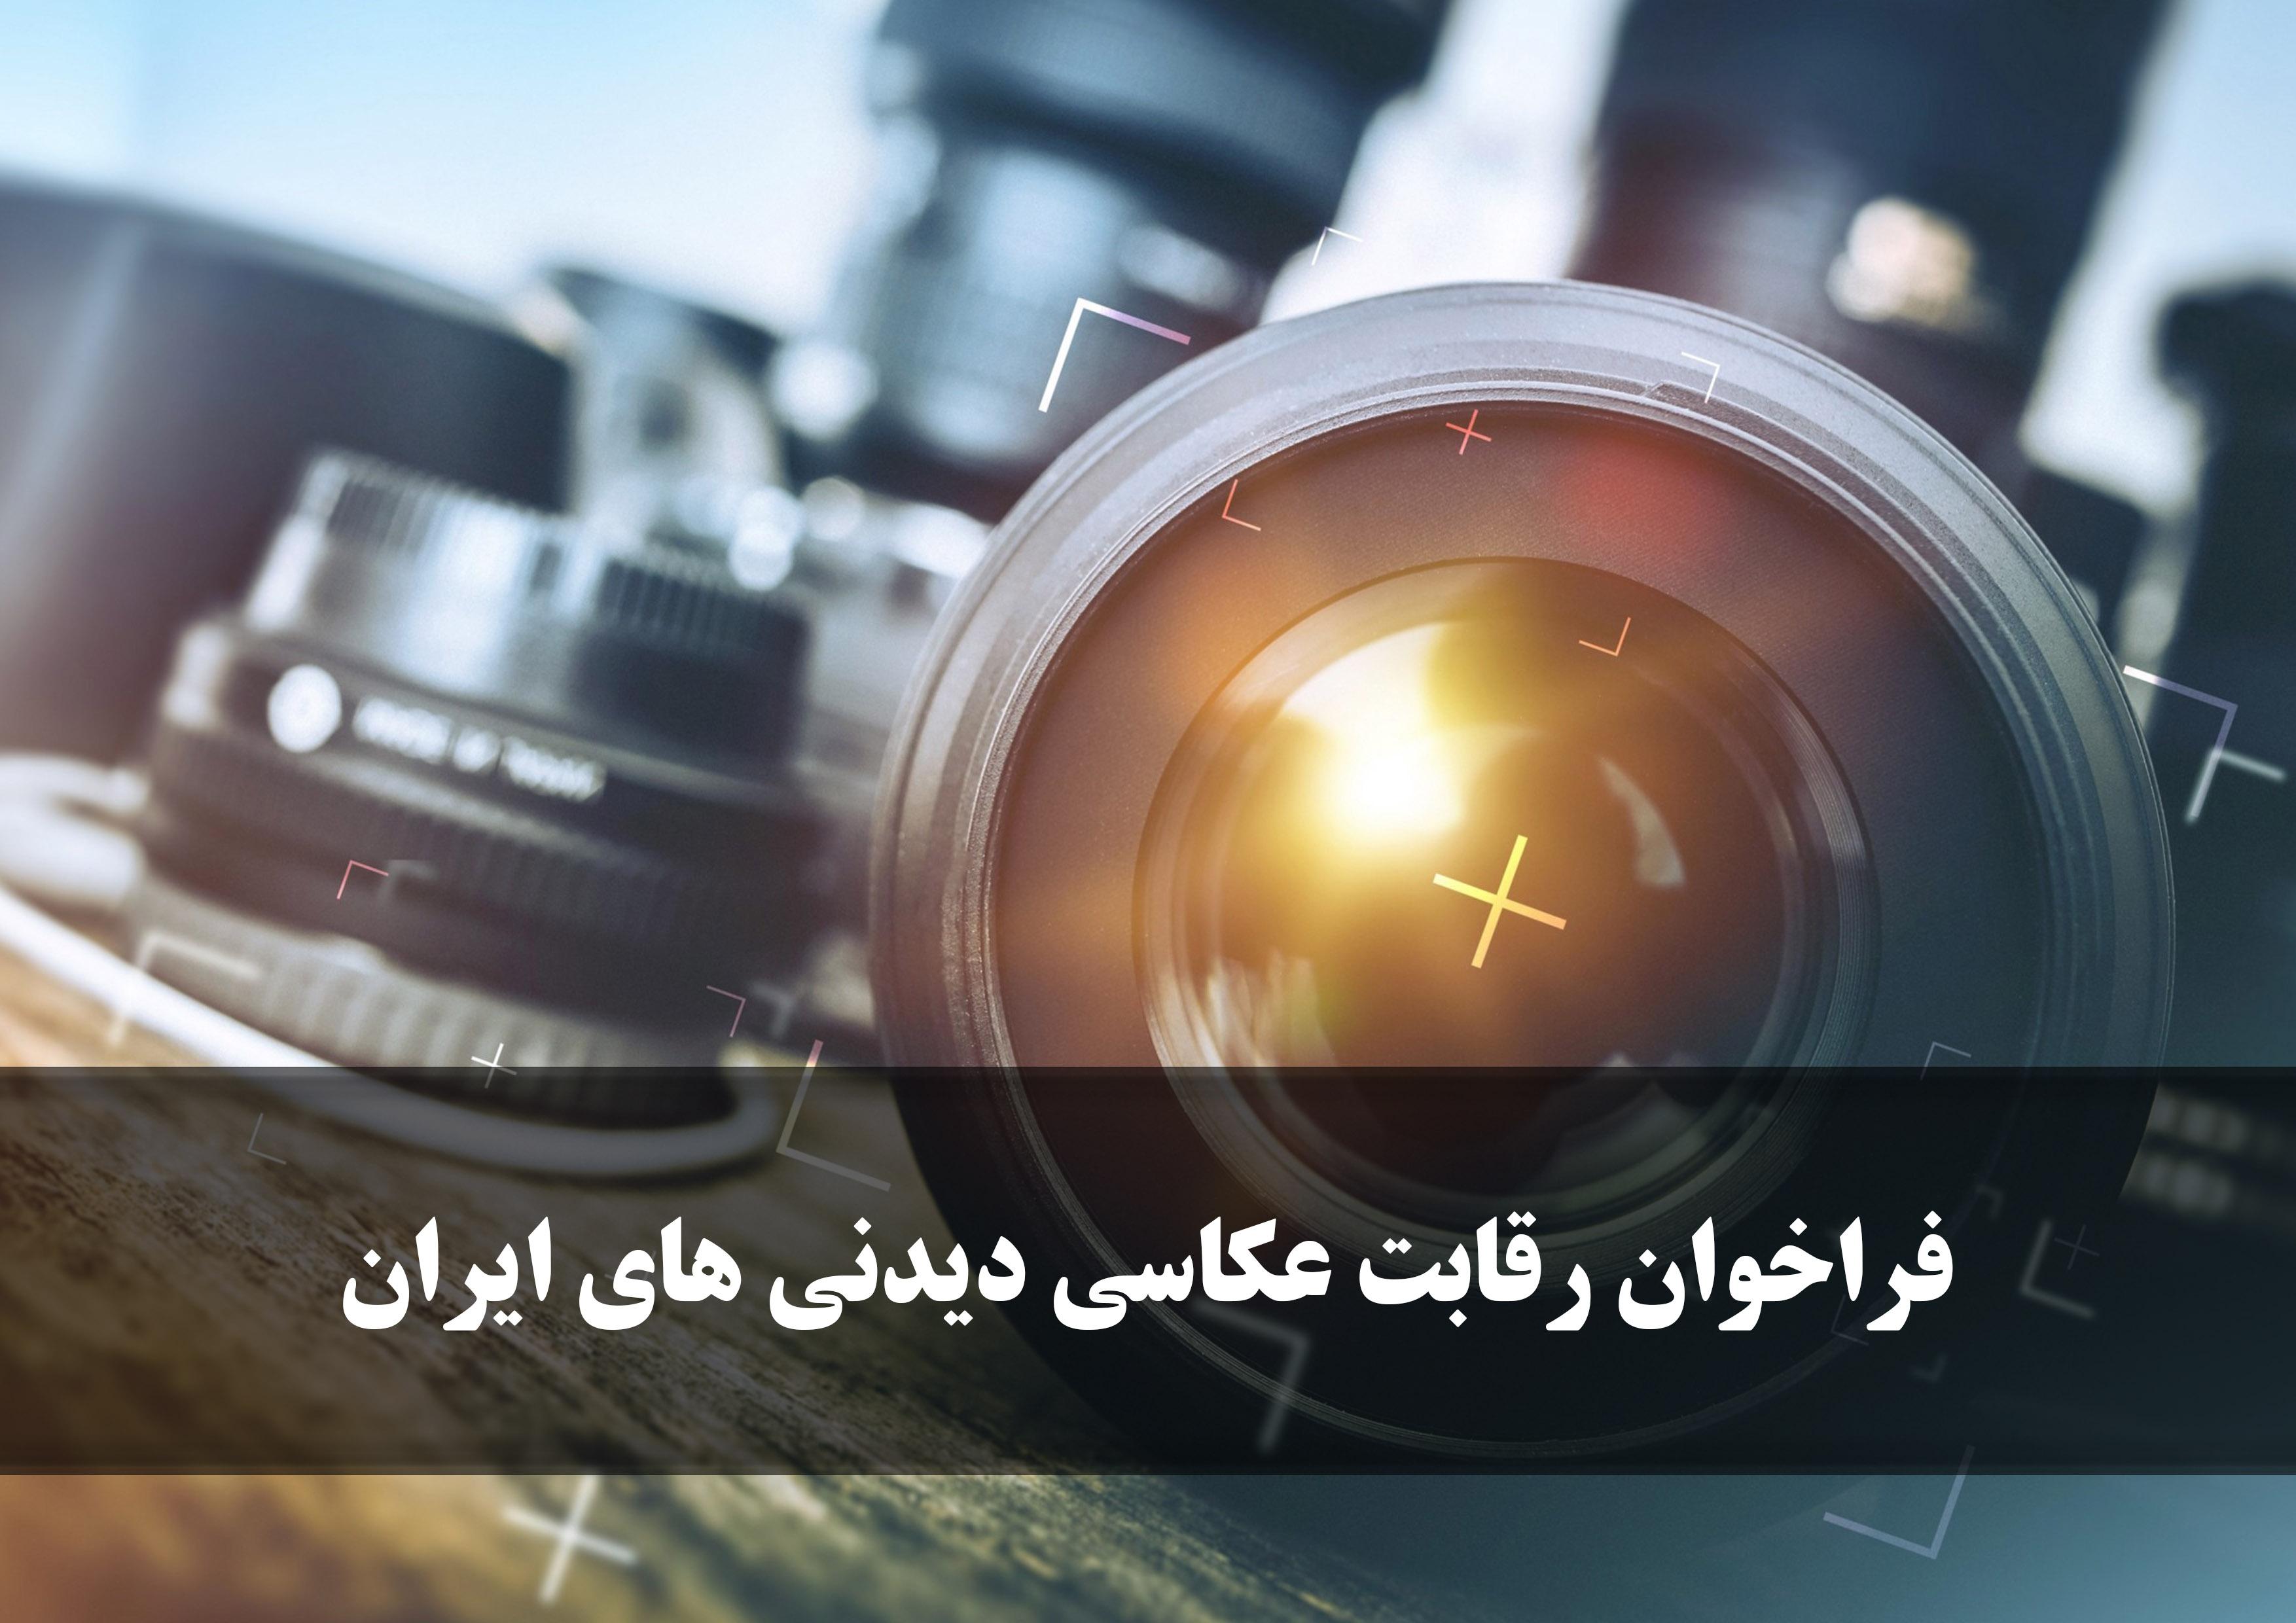 فراخوان رقابت عکاسی دیدنی های ایران